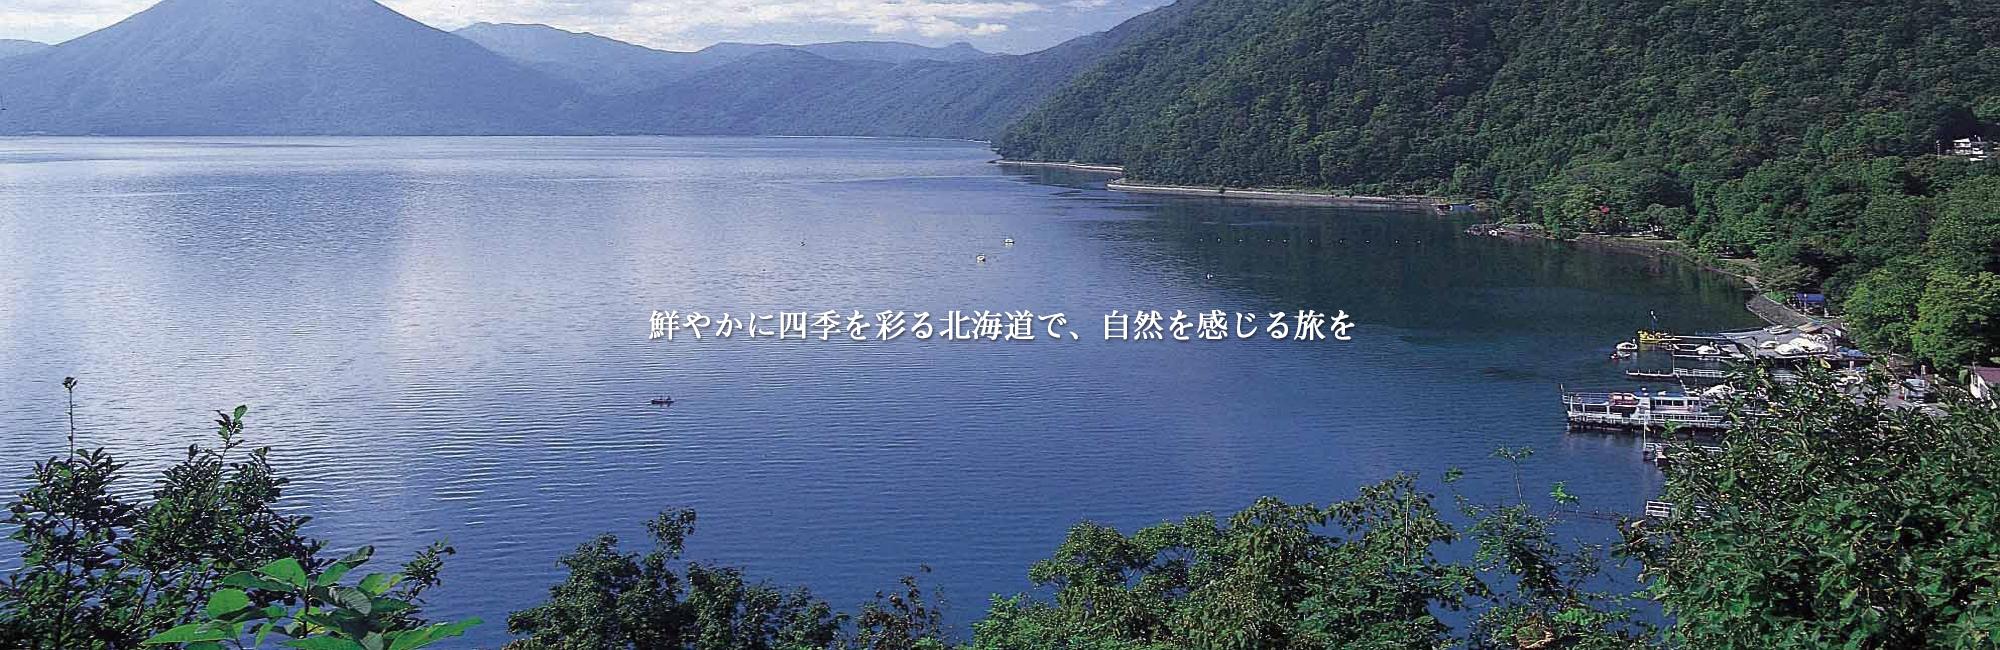 千歳市は新千歳空港も近く、北海道の玄関として皆様に親しまれております。鮮やかに四季を彩る北海道で、自然を感じる旅を